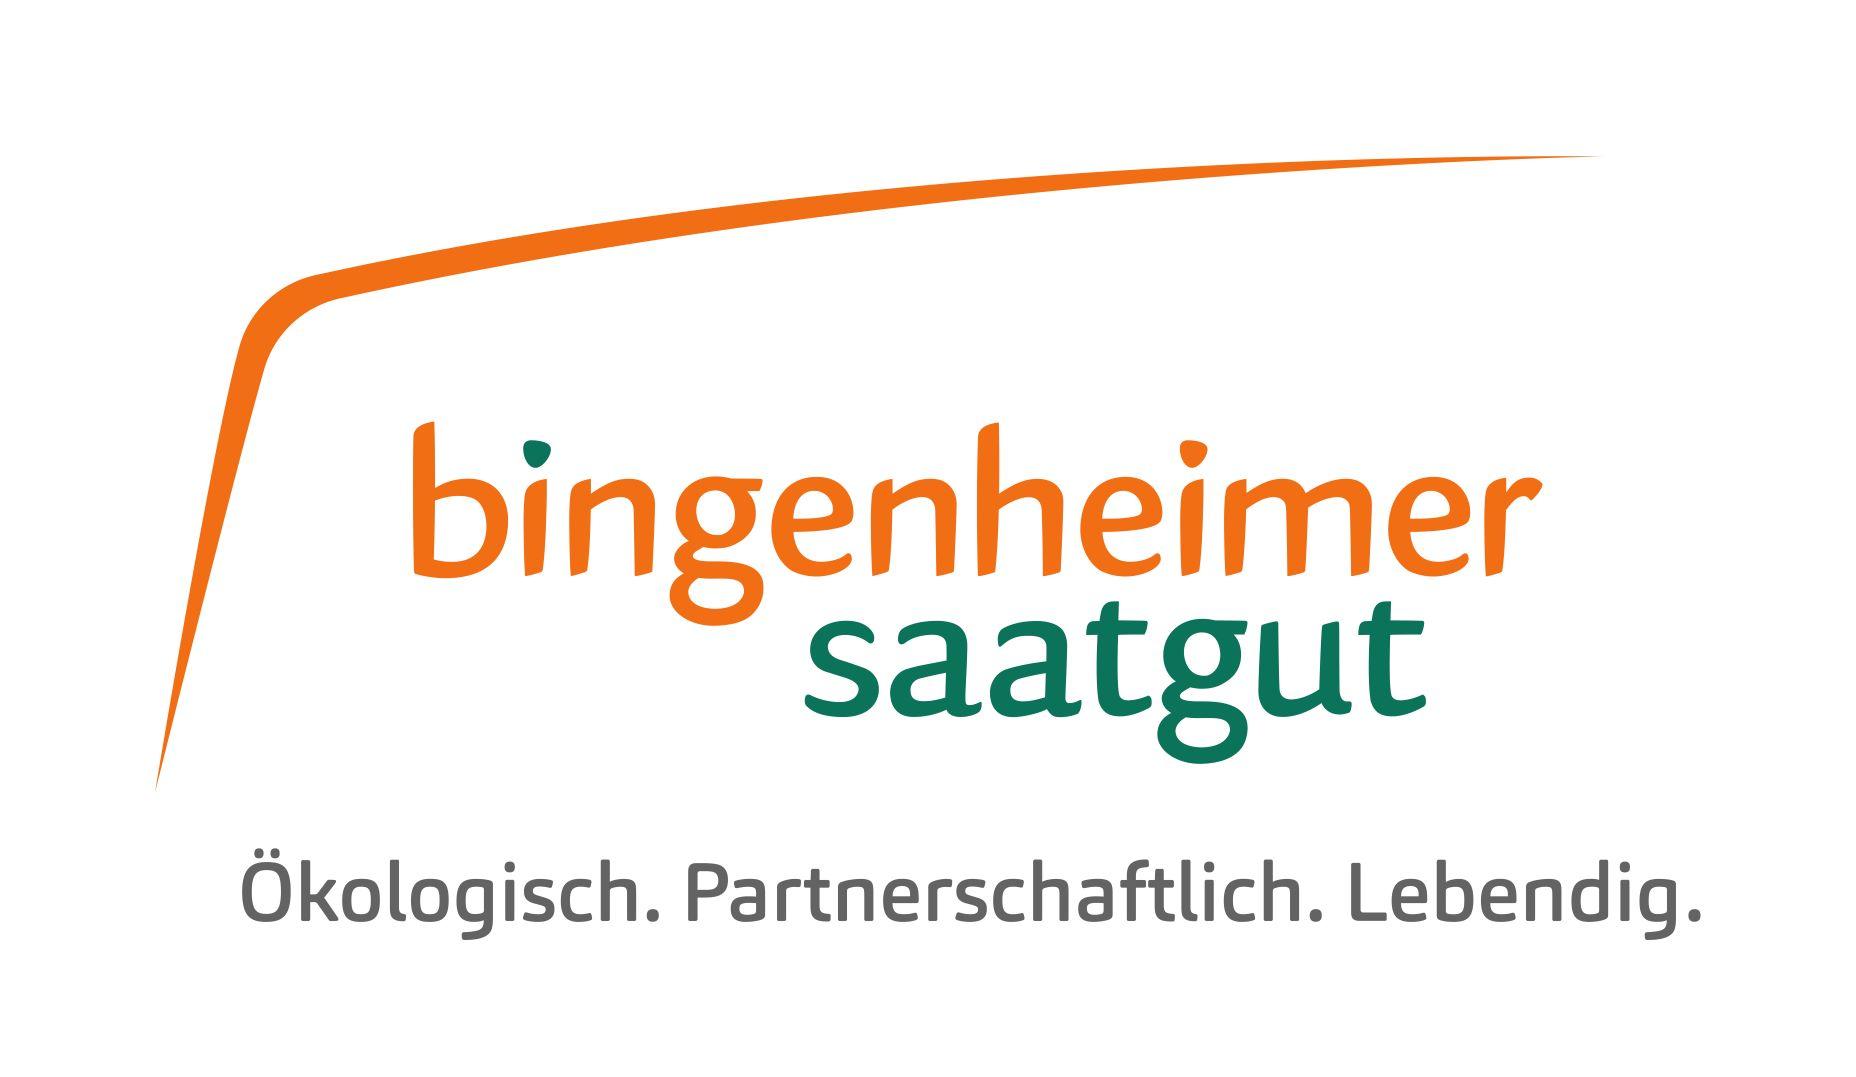 Bingenheimer